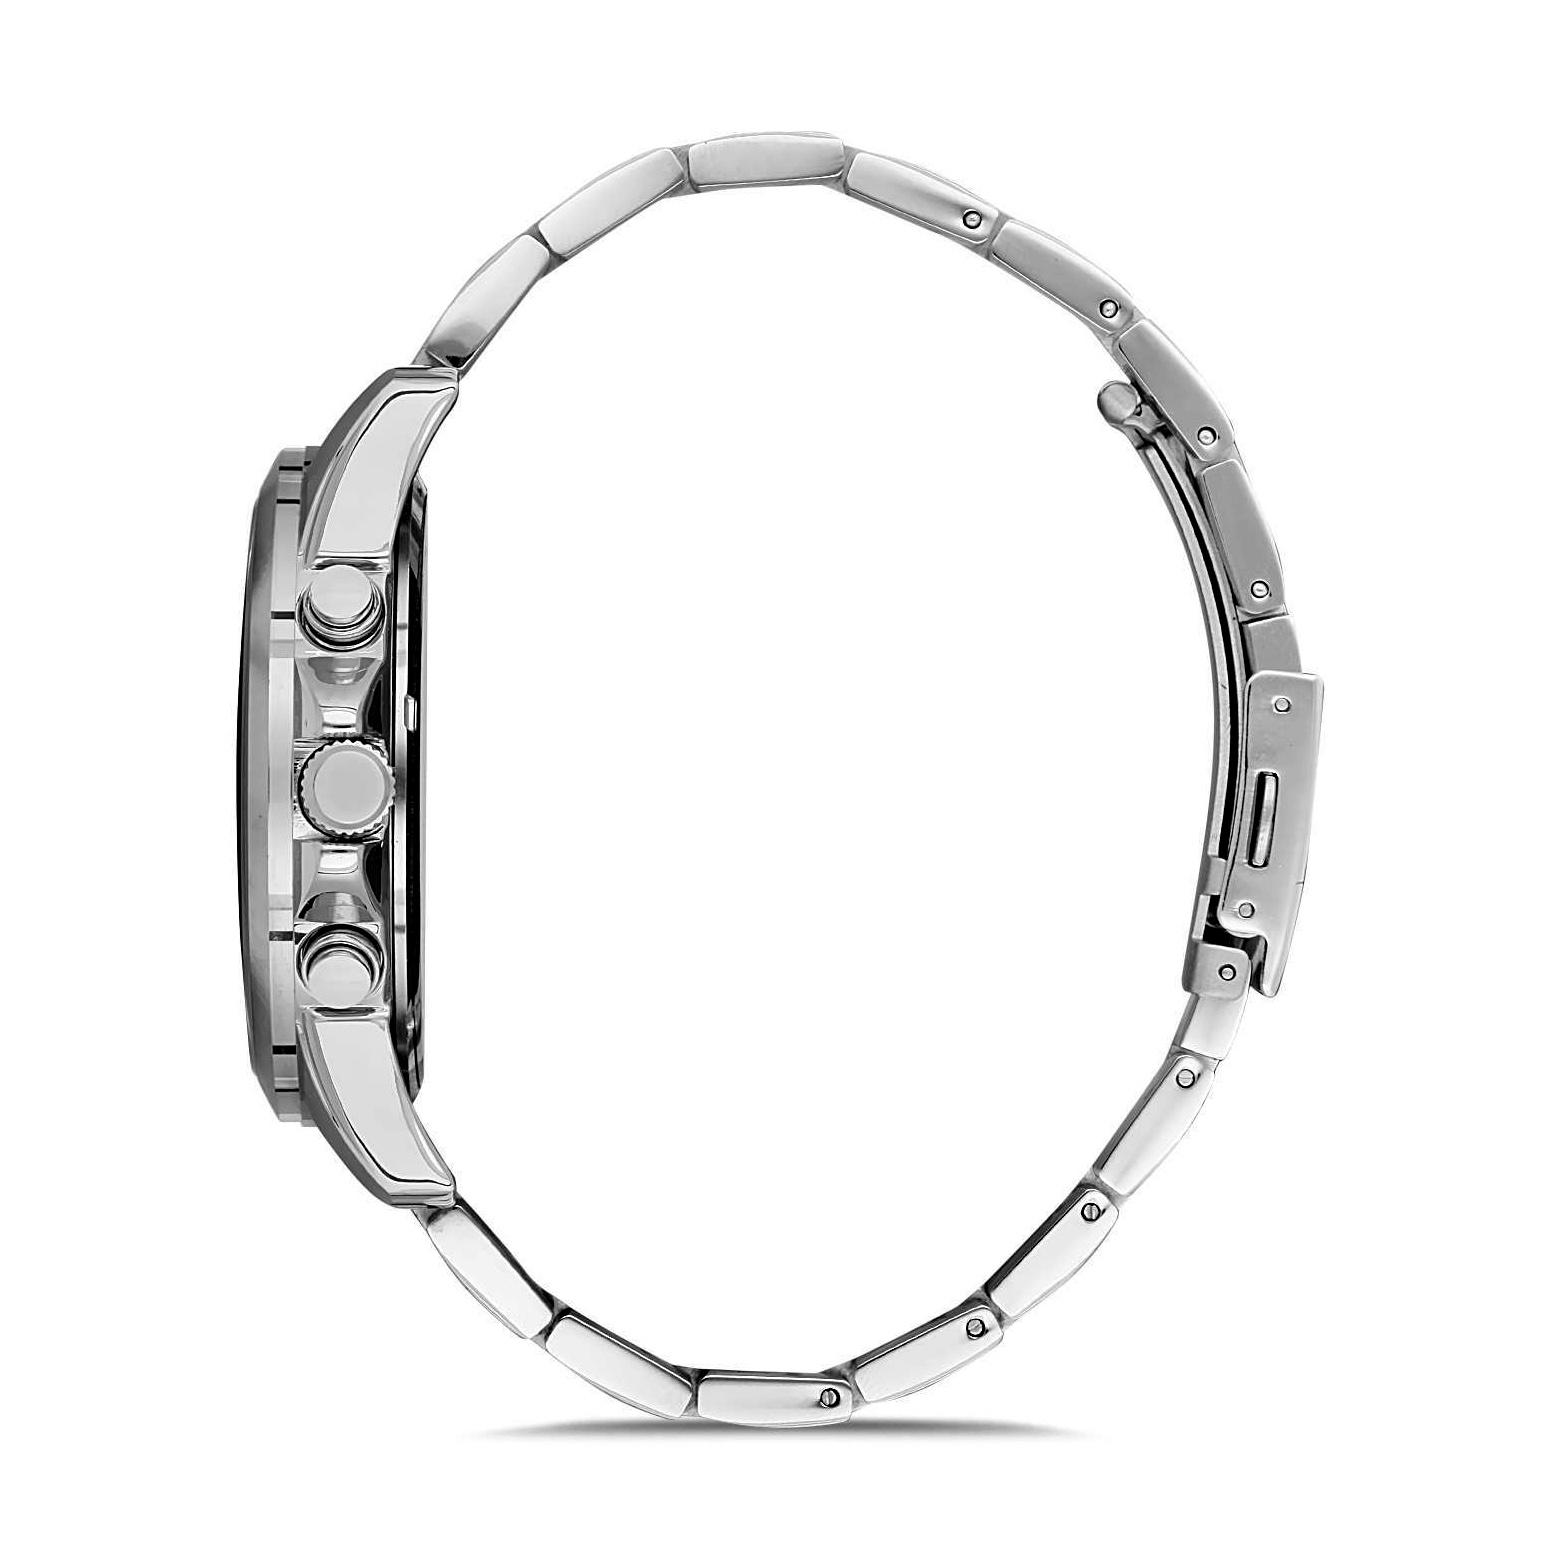 ساعت مچی عقربهای مردانه بیگوتی مدل BG.1.10156-5